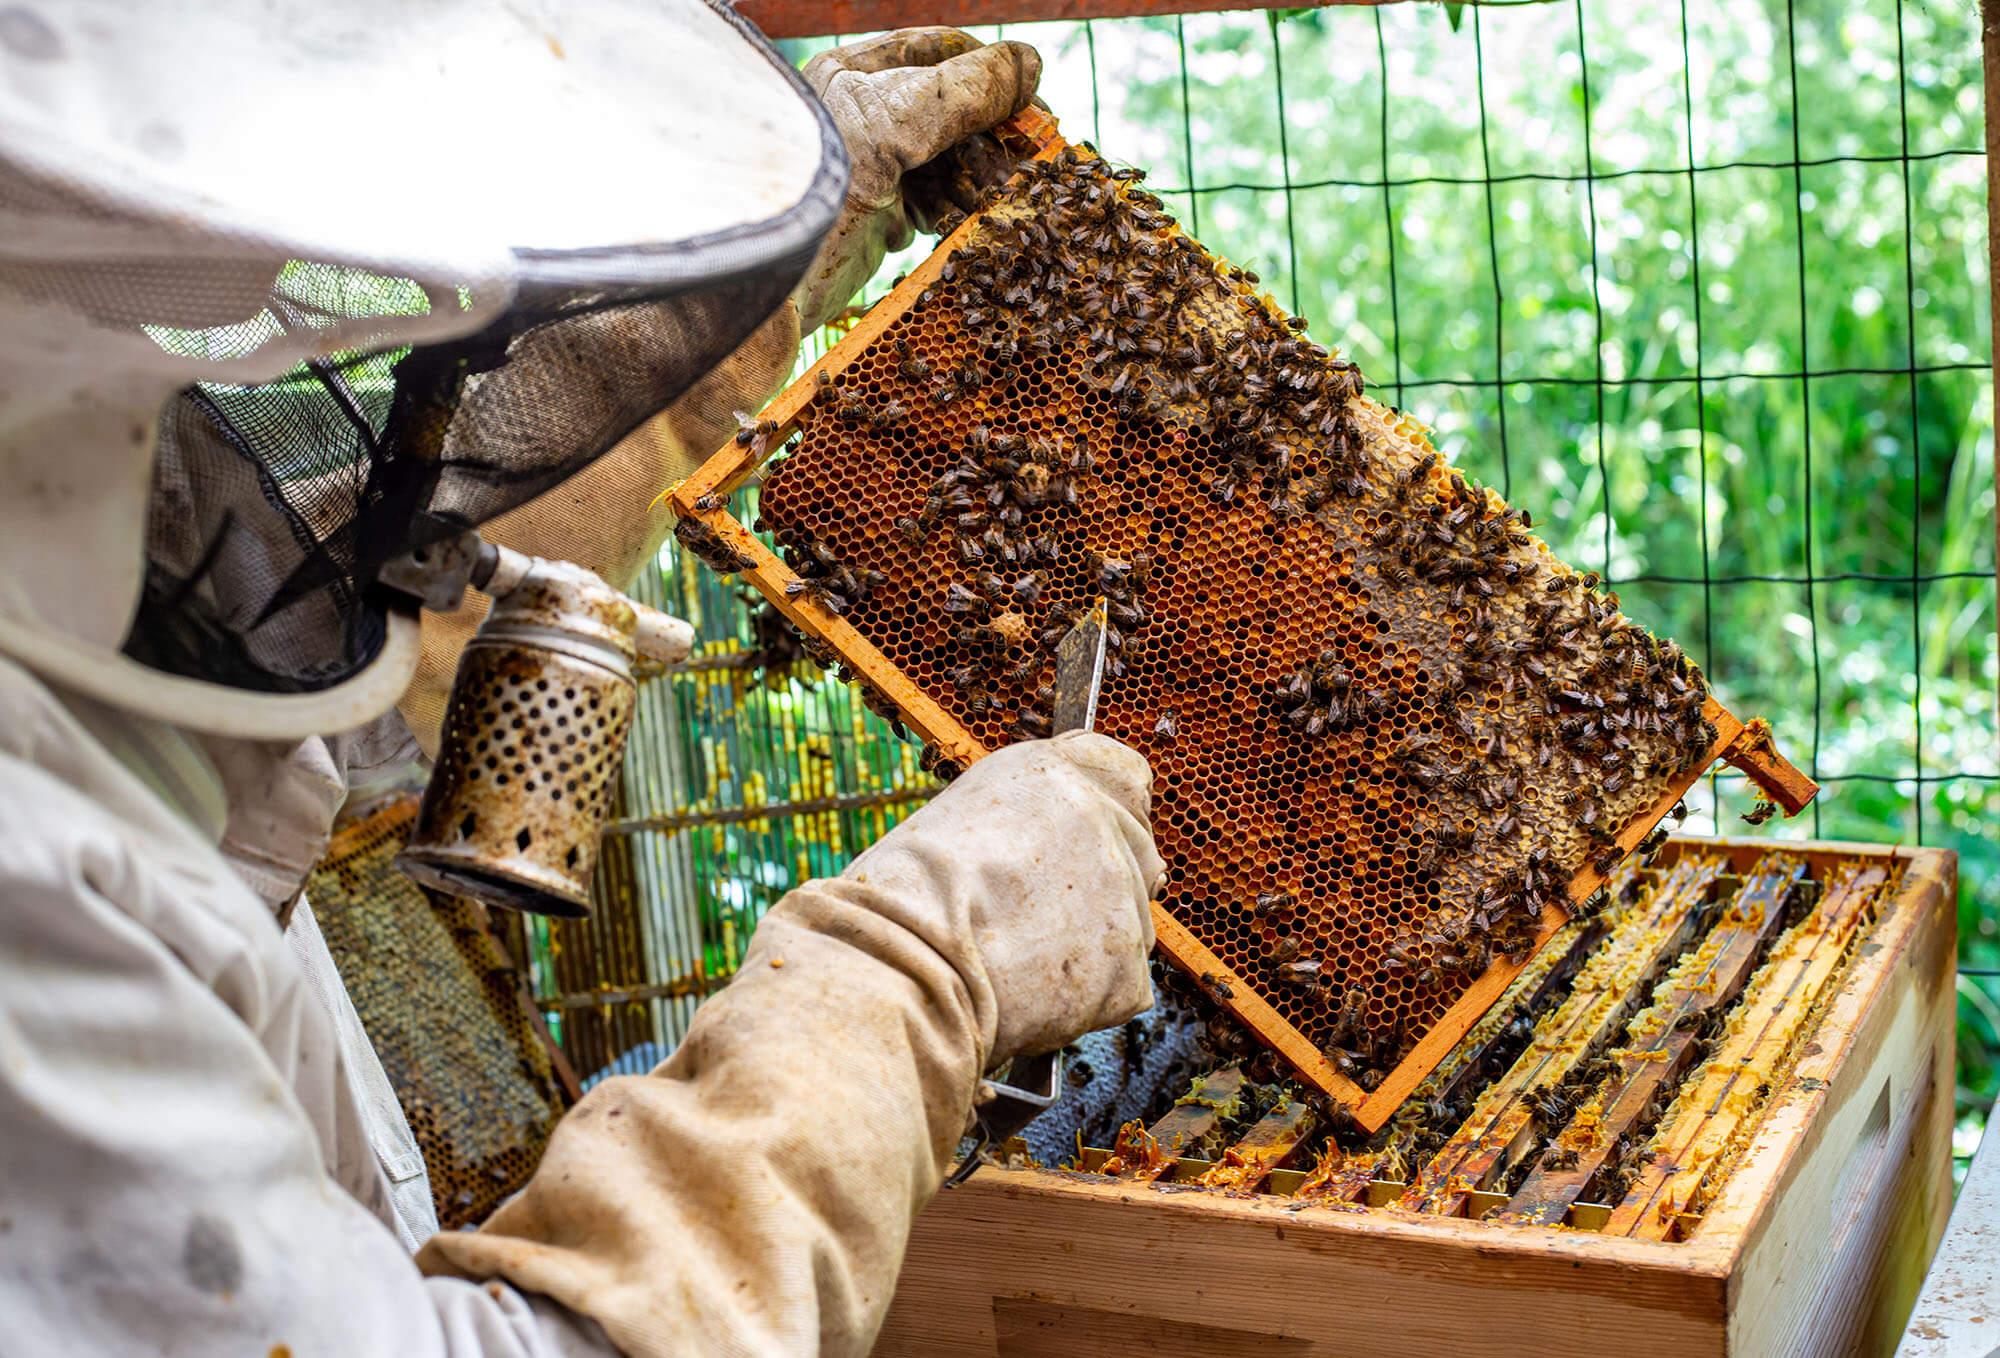 Natuur In De Drukke Stad: Wilde Bijen Werken Voor Een Plekje